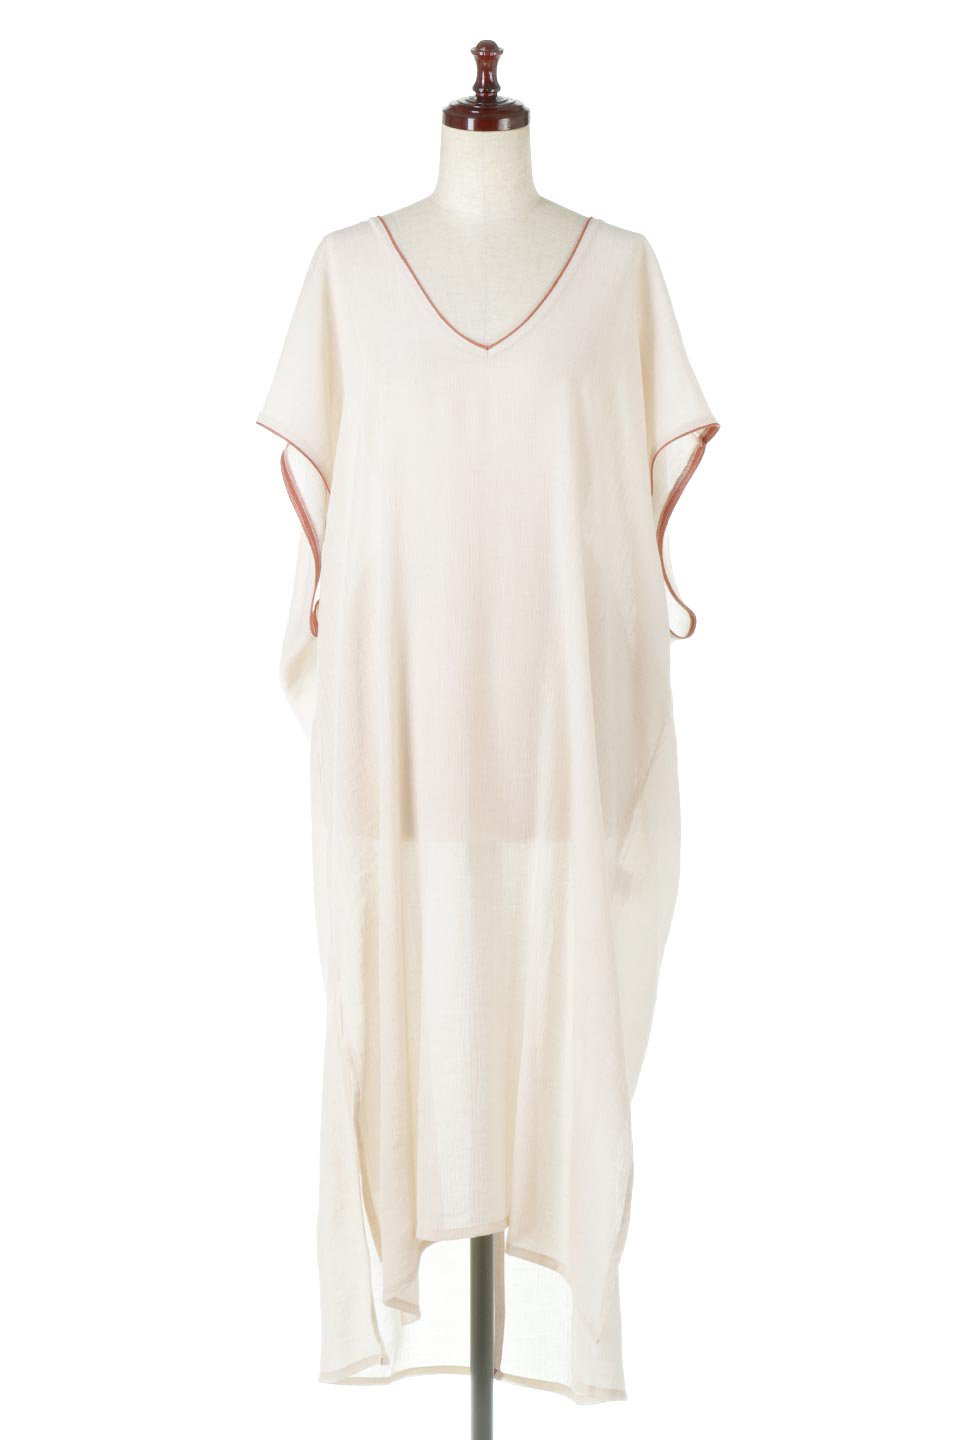 PipingHemChiffonKaftanDressシフォン生地・パイピングカフタンドレス大人カジュアルに最適な海外ファッションのothers(その他インポートアイテム)のワンピースやマキシワンピース。インナー次第でロングシーズン活躍するシアー素材のカフタンワンピース。肩の隠れる袖丈とゆったりとしたシルエットでストレス無く着られる1枚。/main-5